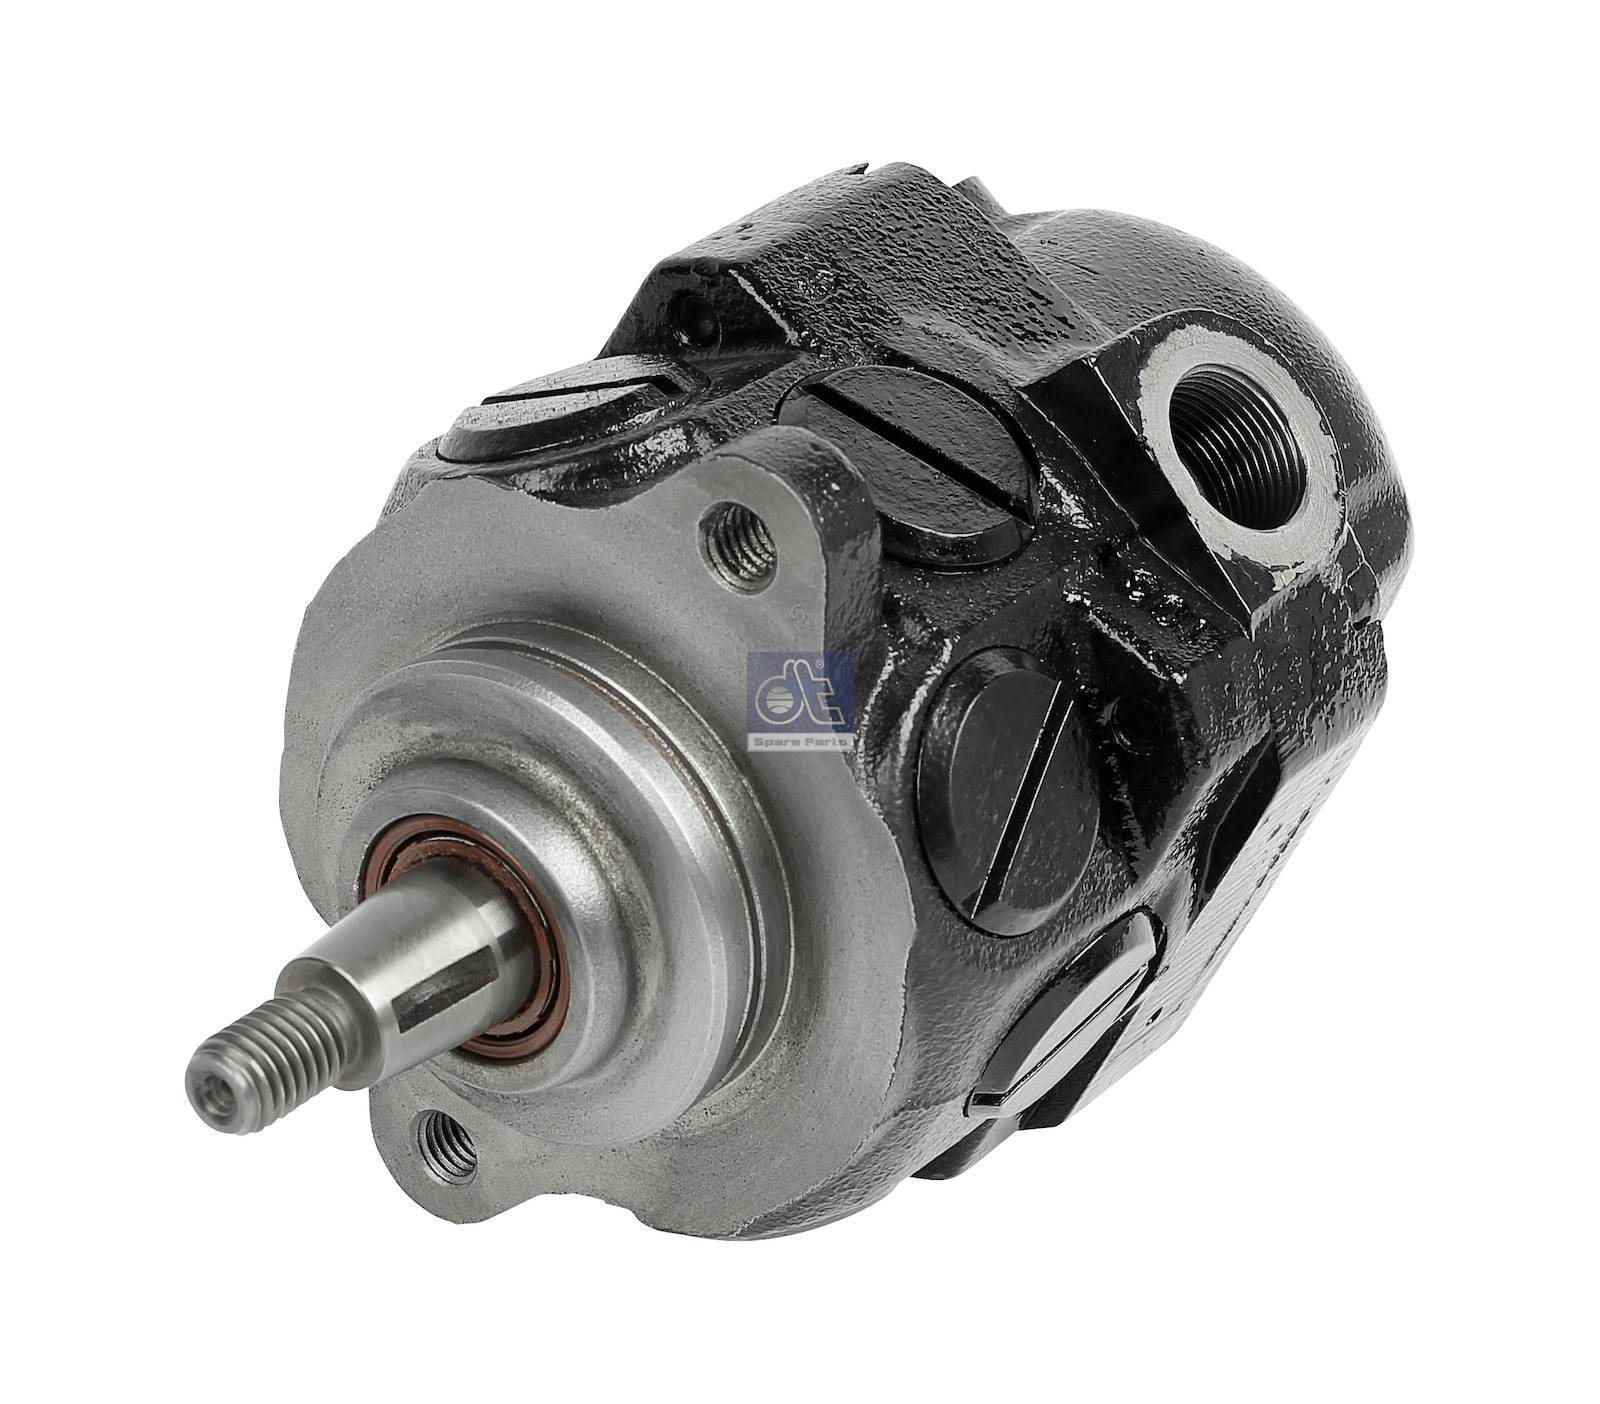 Pompa olio servosterzo, sistema di sterzo 2 circuiti